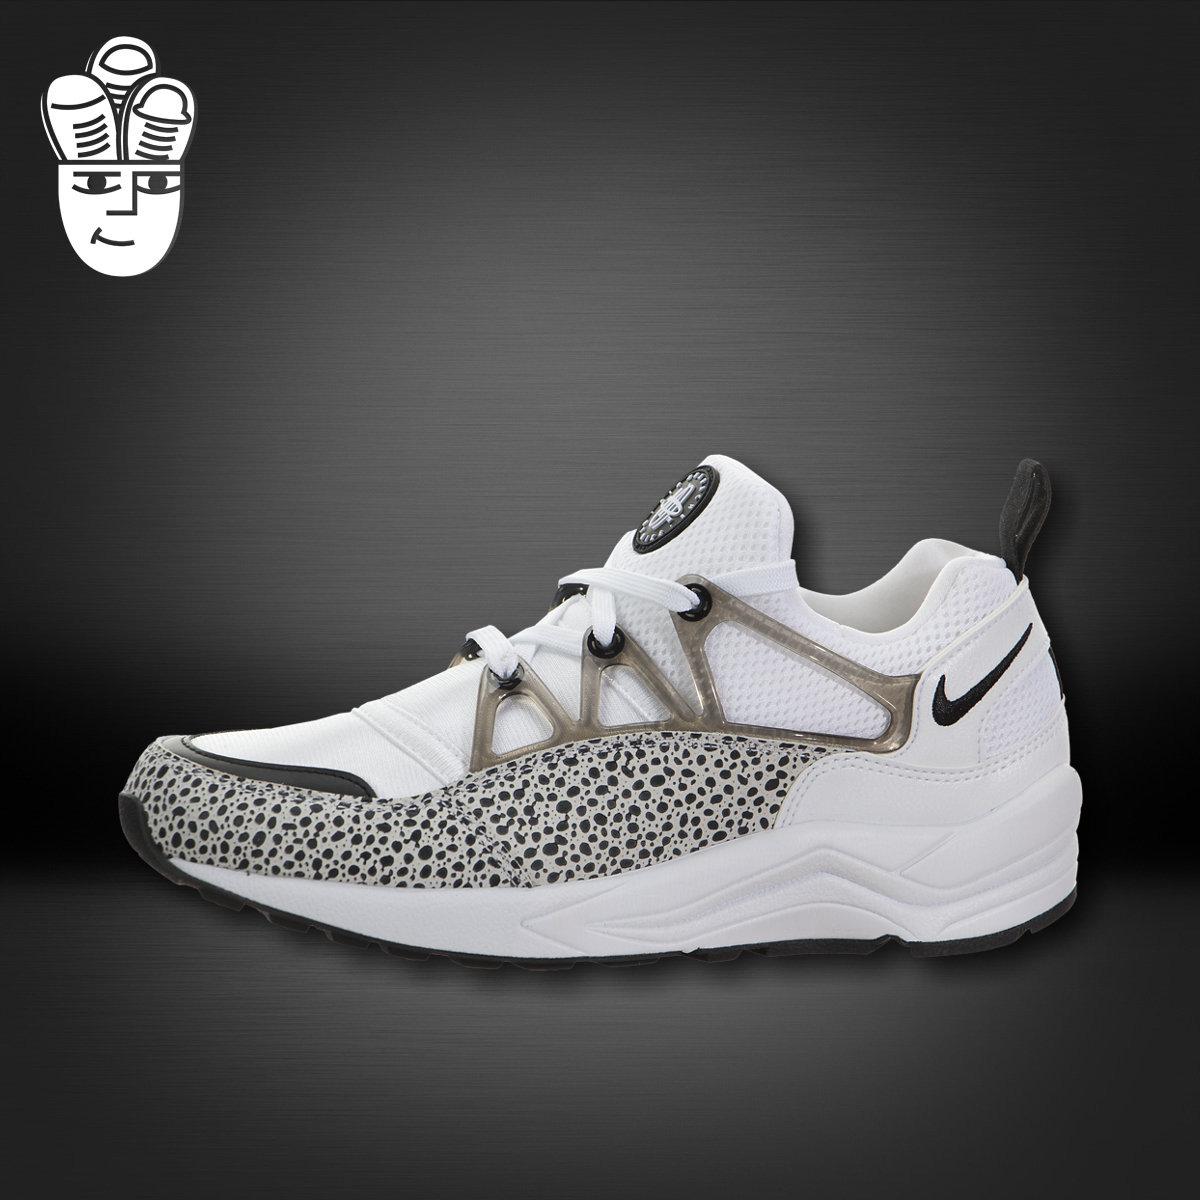 1b2825b86 Get Quotations · Nike women  s nike air huarache light sports shoes running  shoes casual shoes